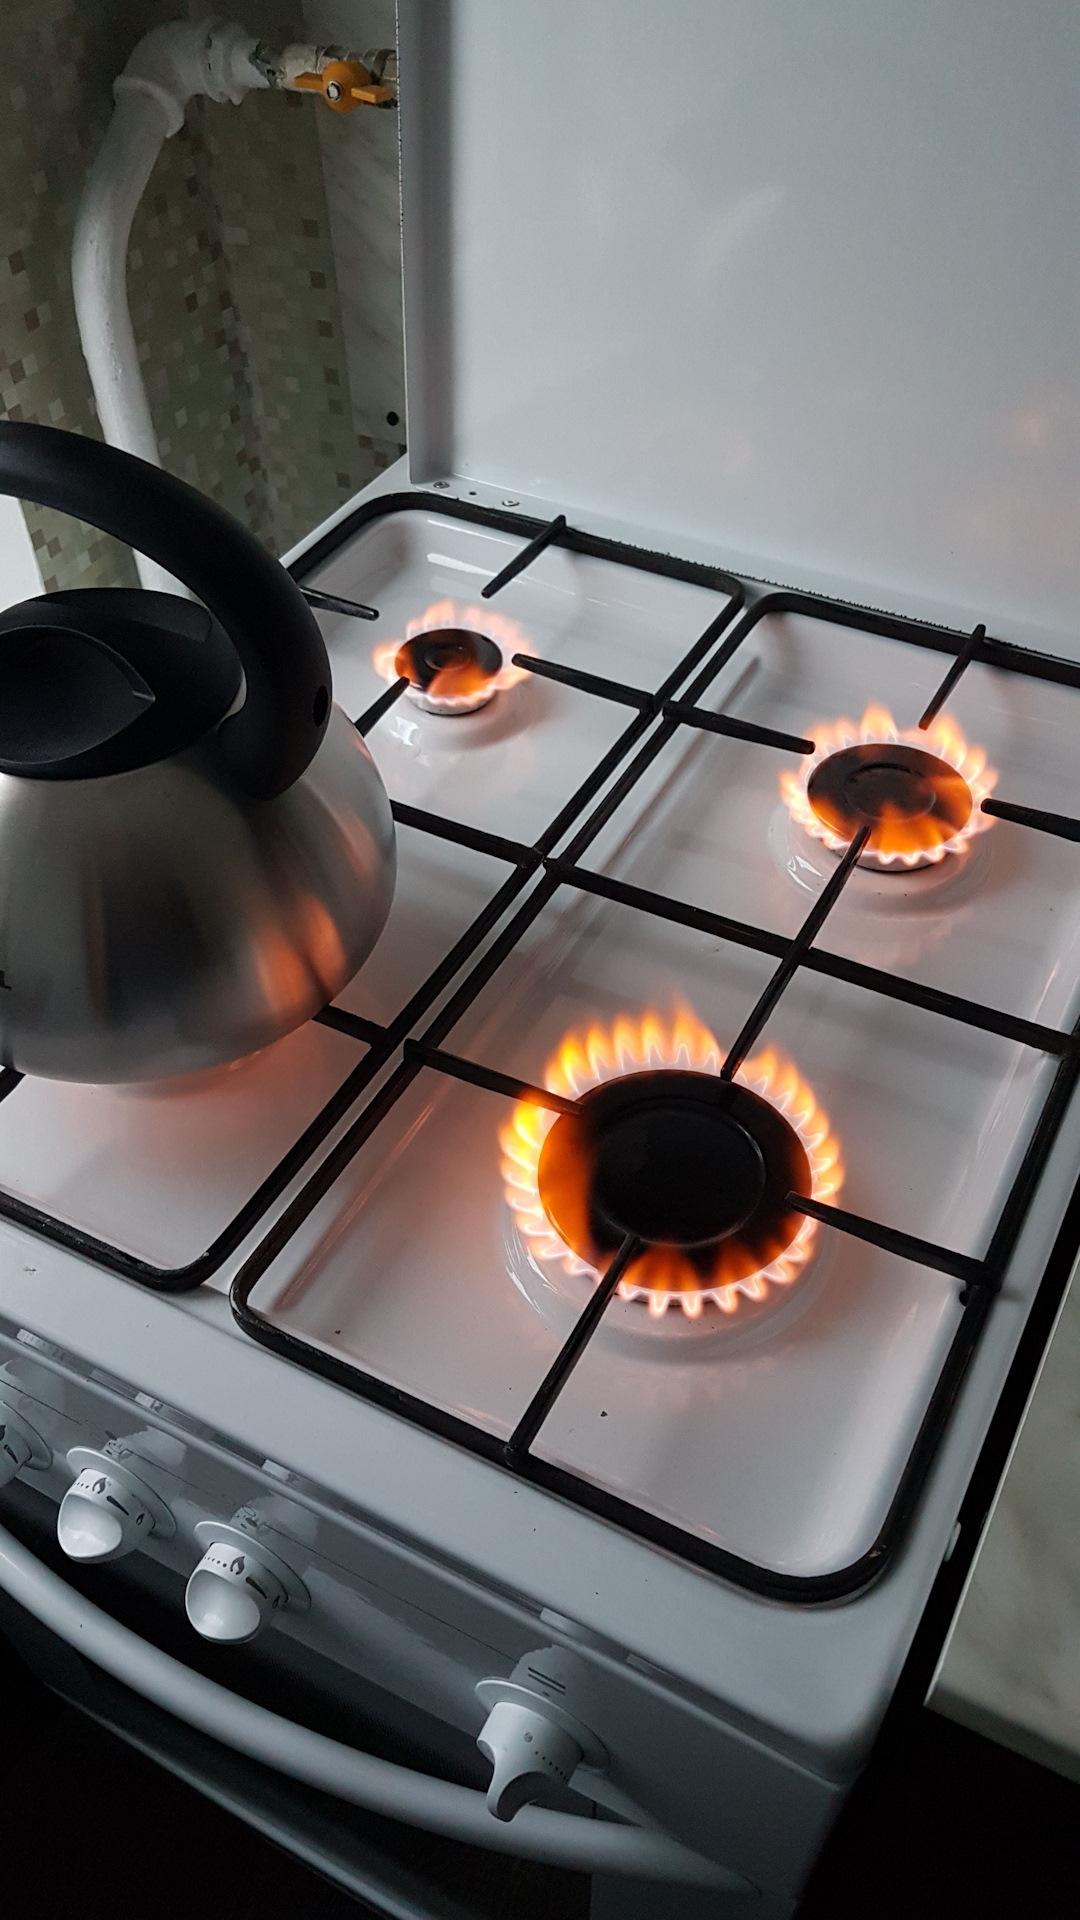 Пожеланием, картинка газовая плита с огнем для детей